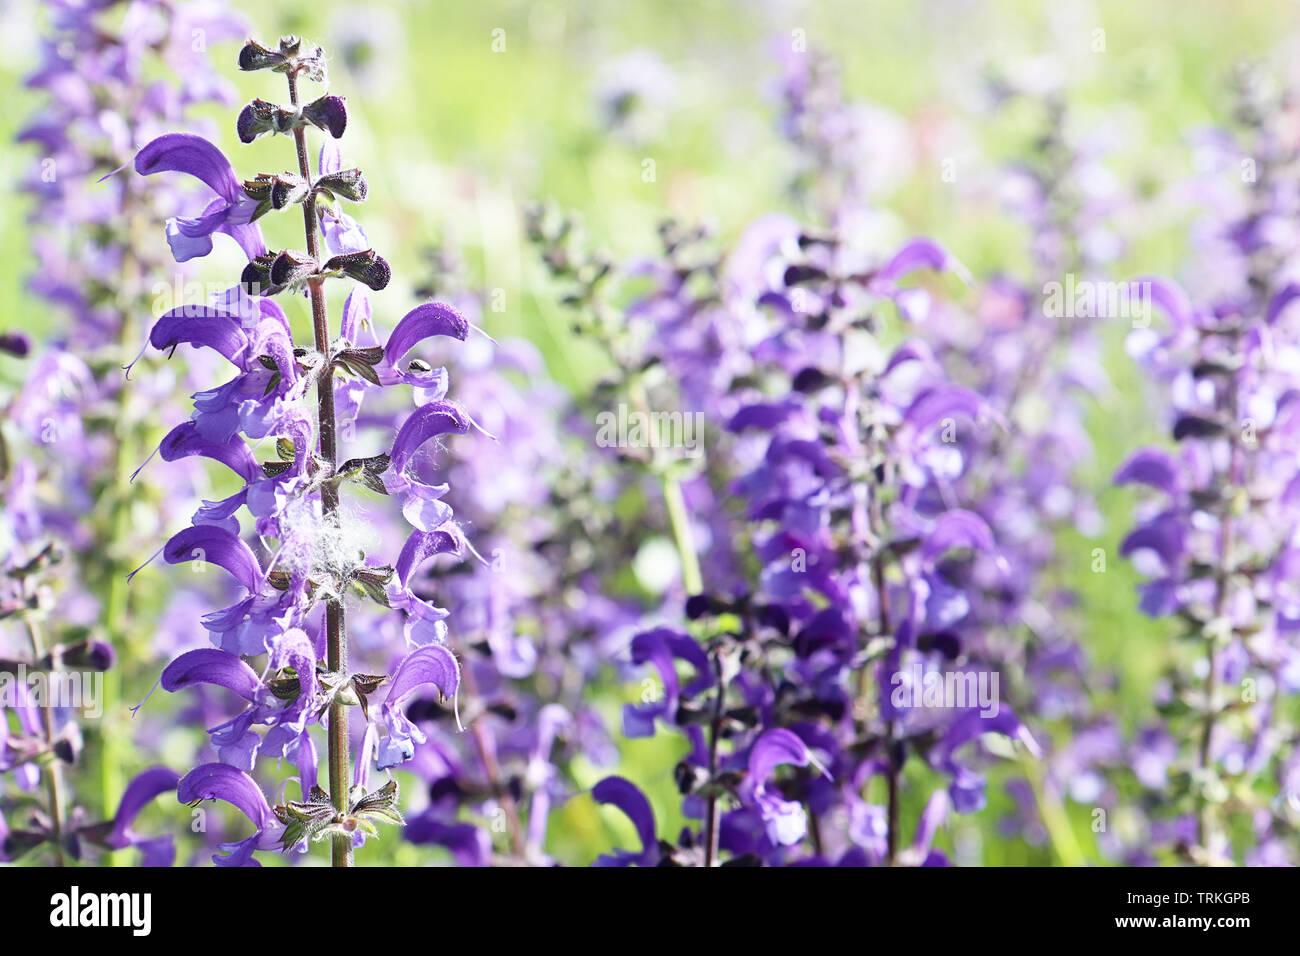 Close up de pourpre violette et spontanée printemps fleurs lupin sauvage dans un domaine rural colorés . Nature fond, soft focus et blur Banque D'Images